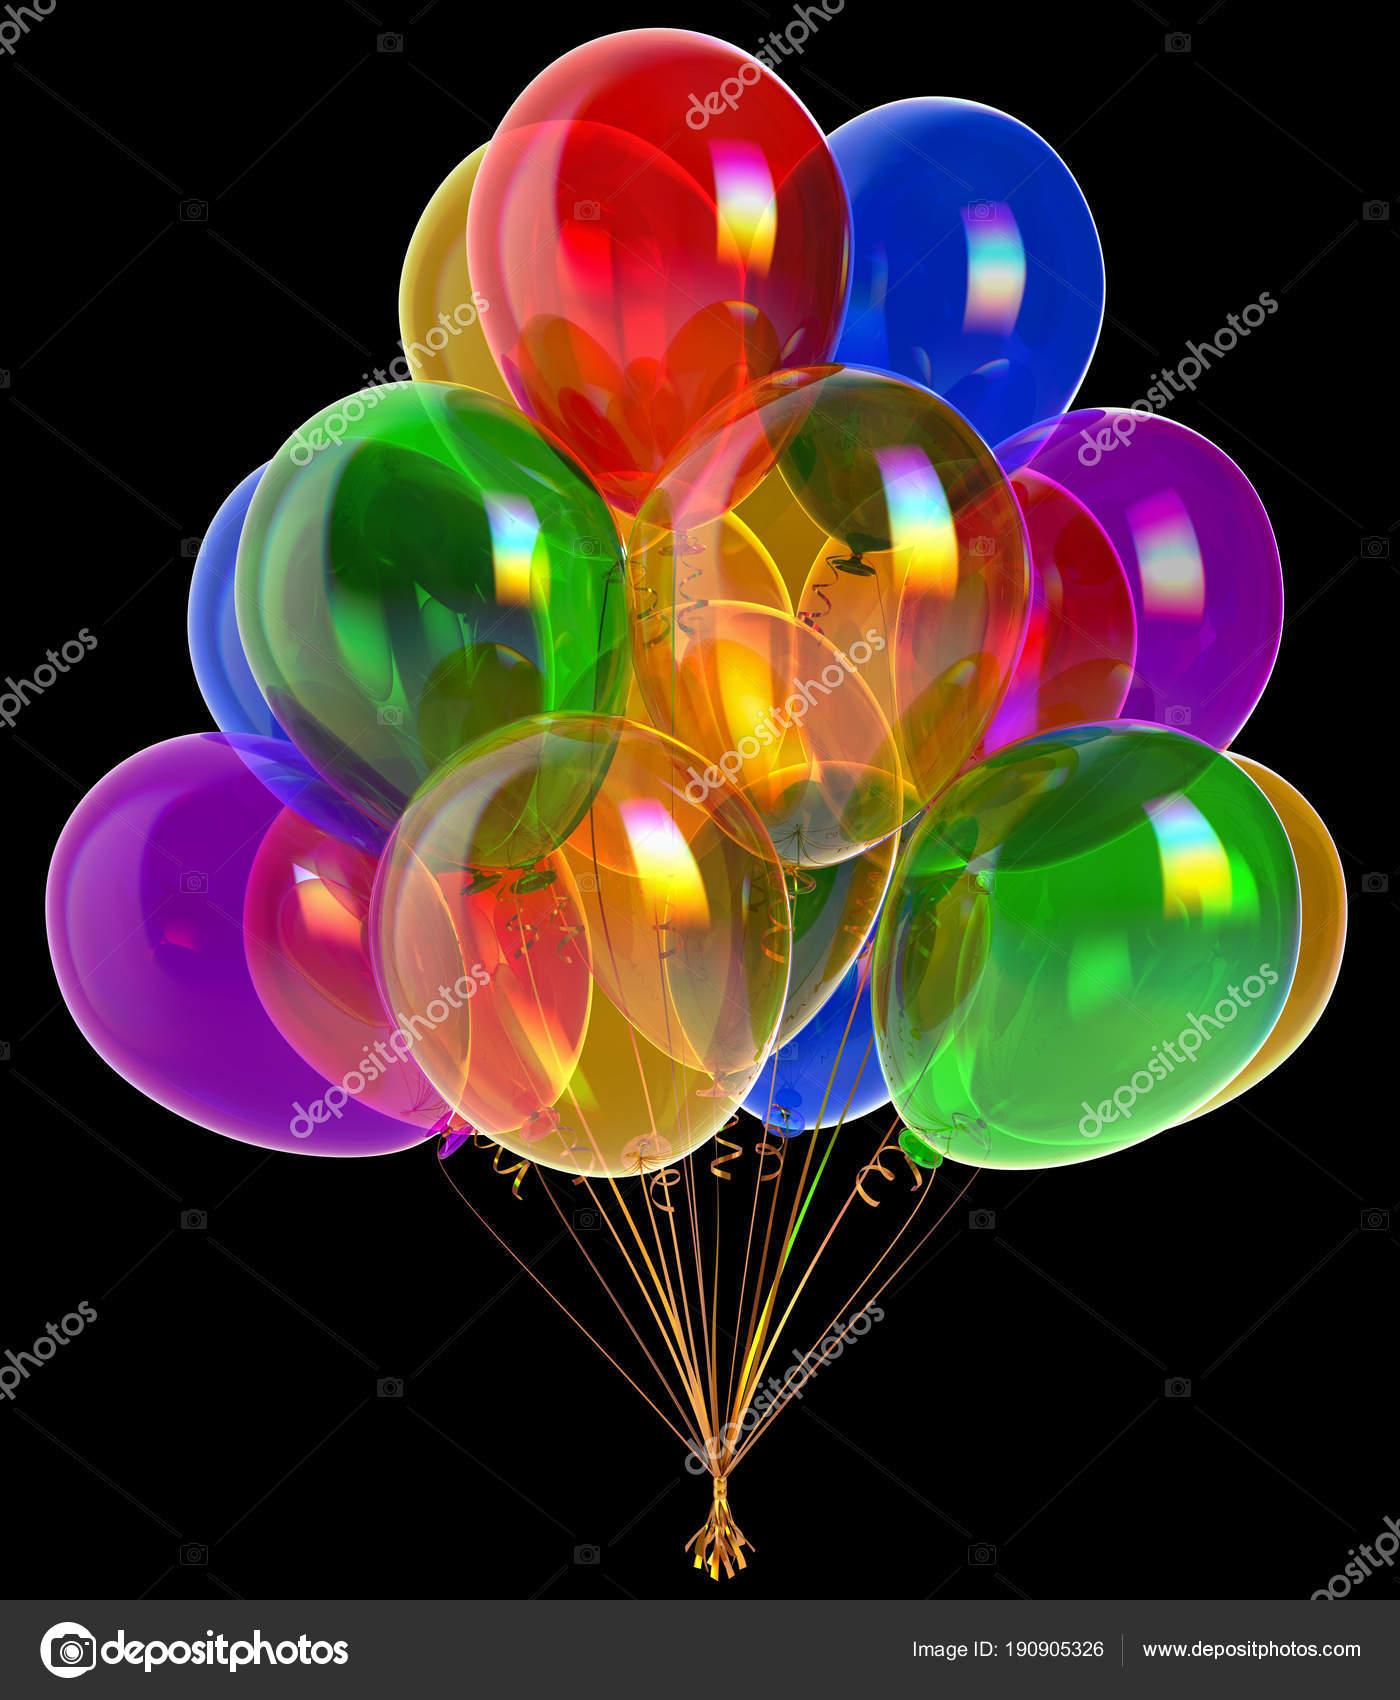 Alles Gute Zum Geburtstag Party Dekoration Bunte Luftballons